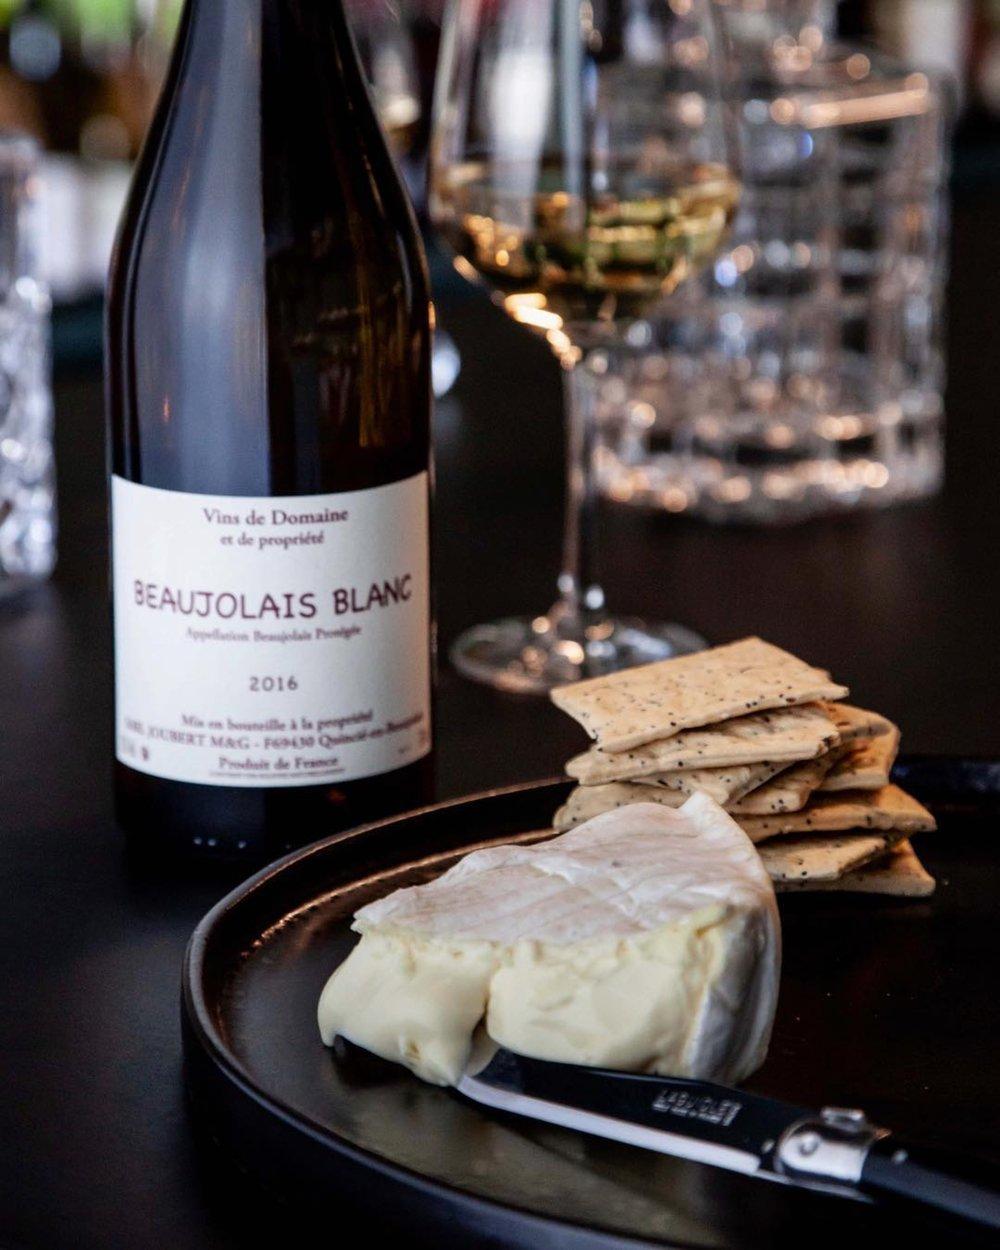 Le Delice de Bourgogne   Recipe    Domaine Dominique Piron Beaujolais Blanc 2017 - Beaujolais, France